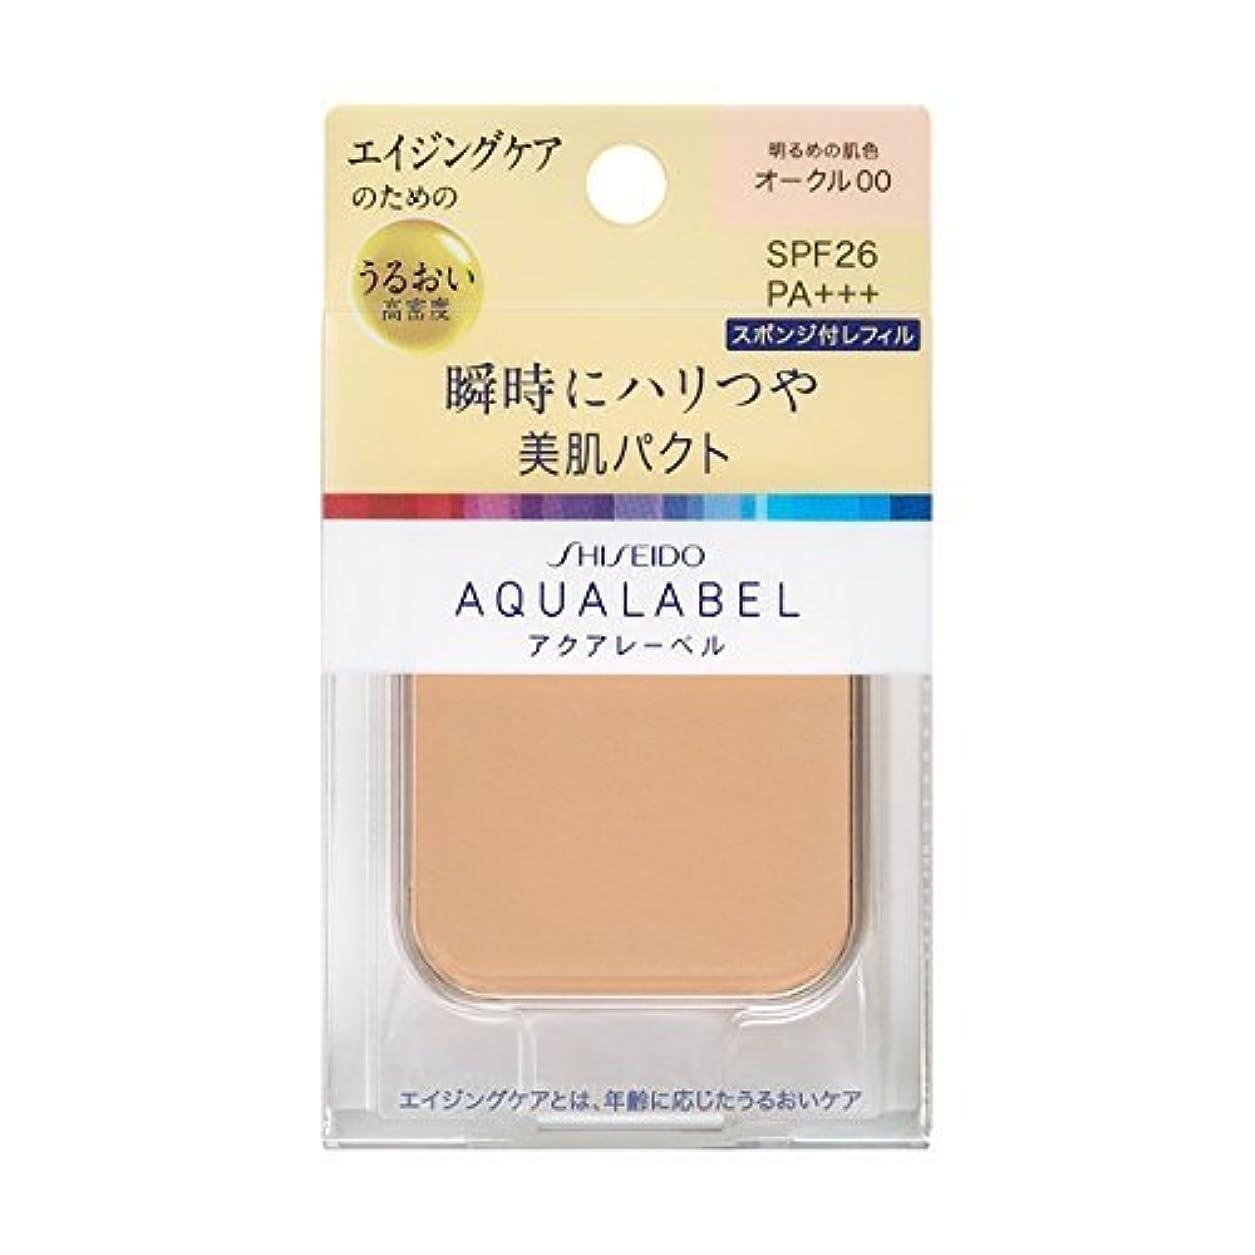 赤殺すご飯アクアレーベル 明るいつや肌パクト オークル00 (レフィル) 11.5g×6個